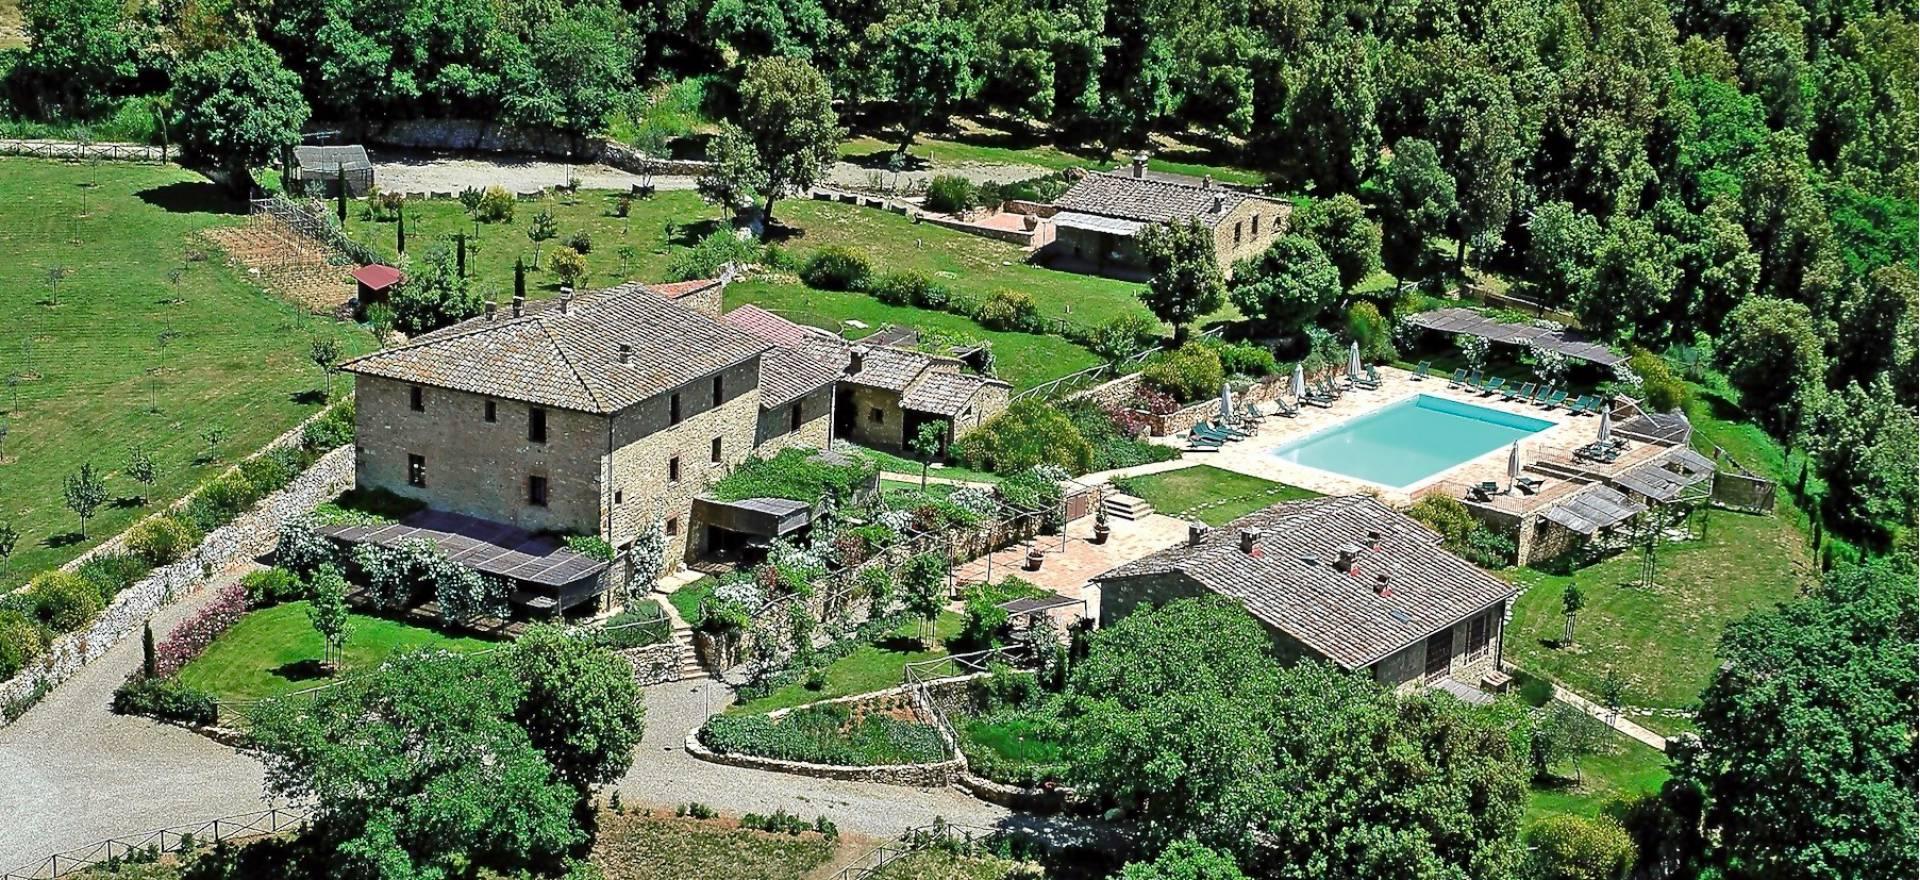 Agriturismo voor liefhebbers van natuur en cultuur in Toscane